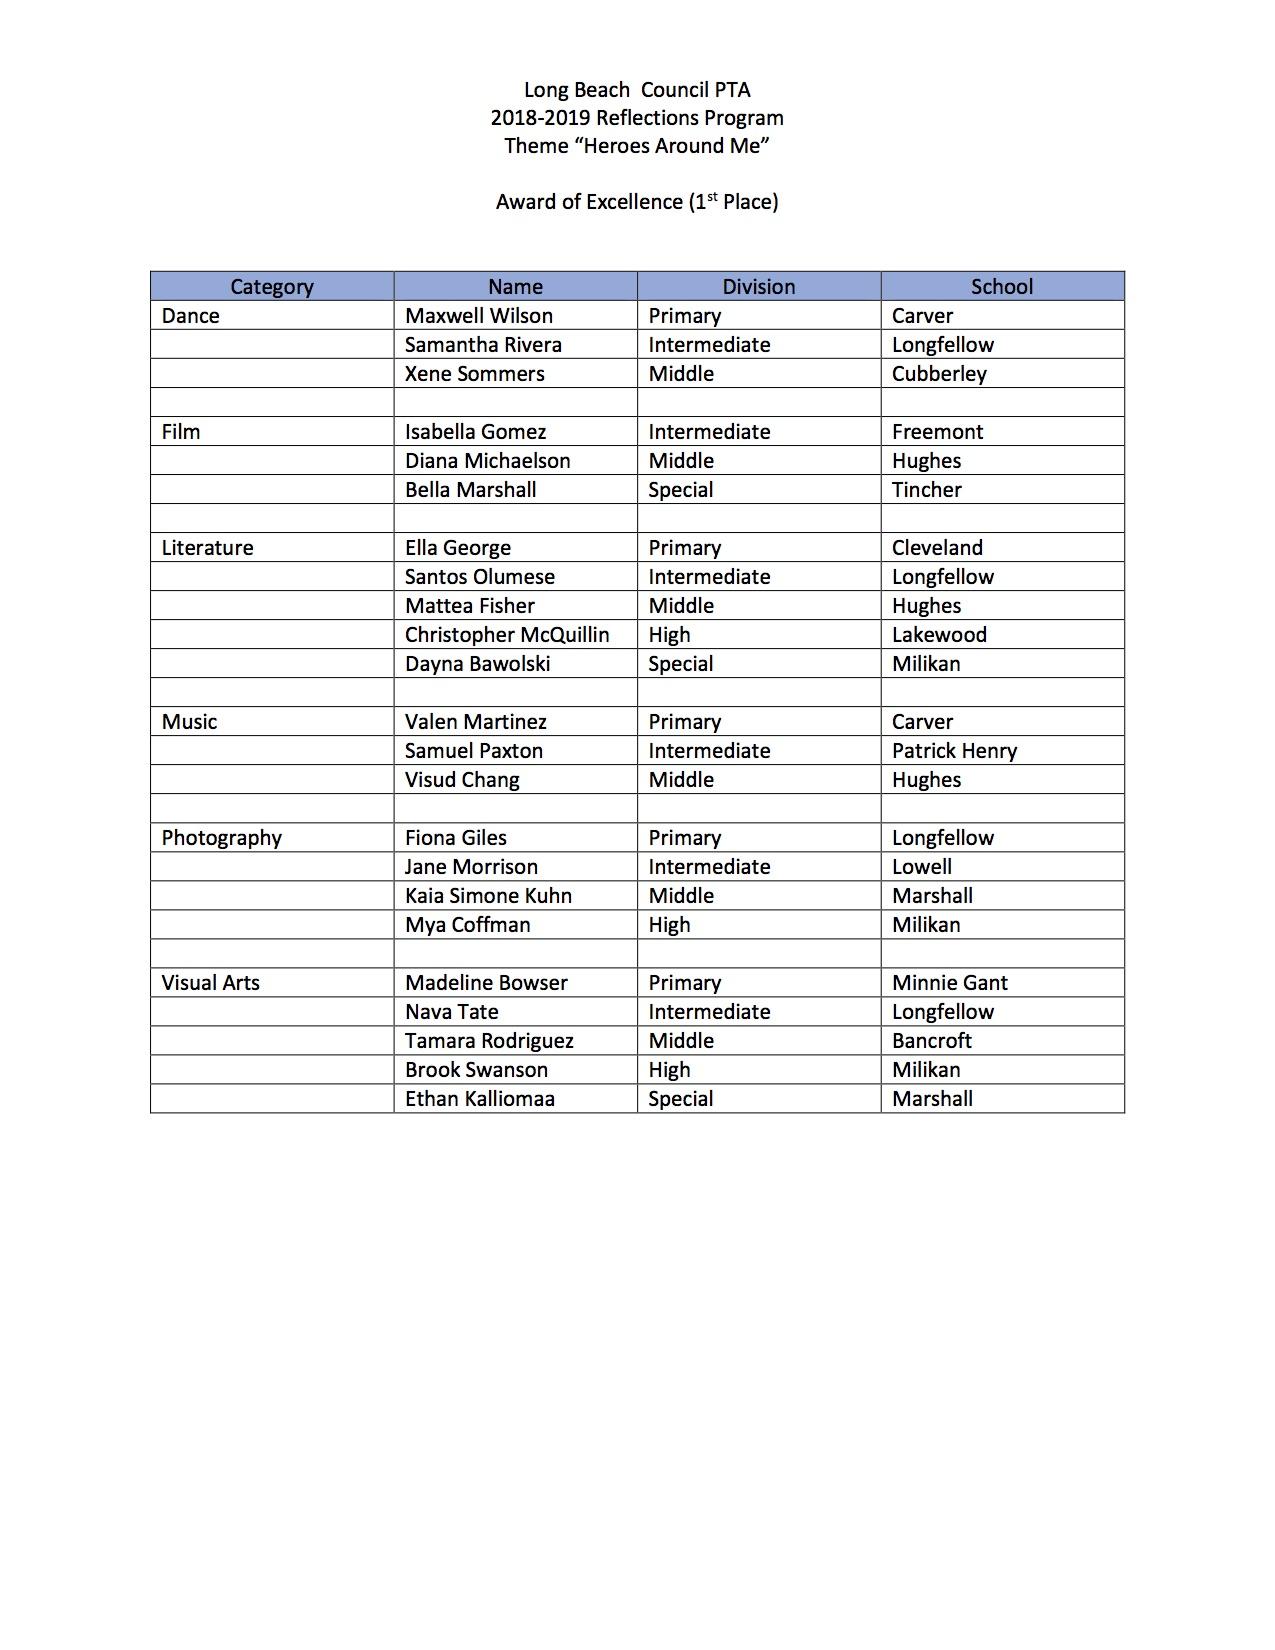 LBCPTA 1st place list